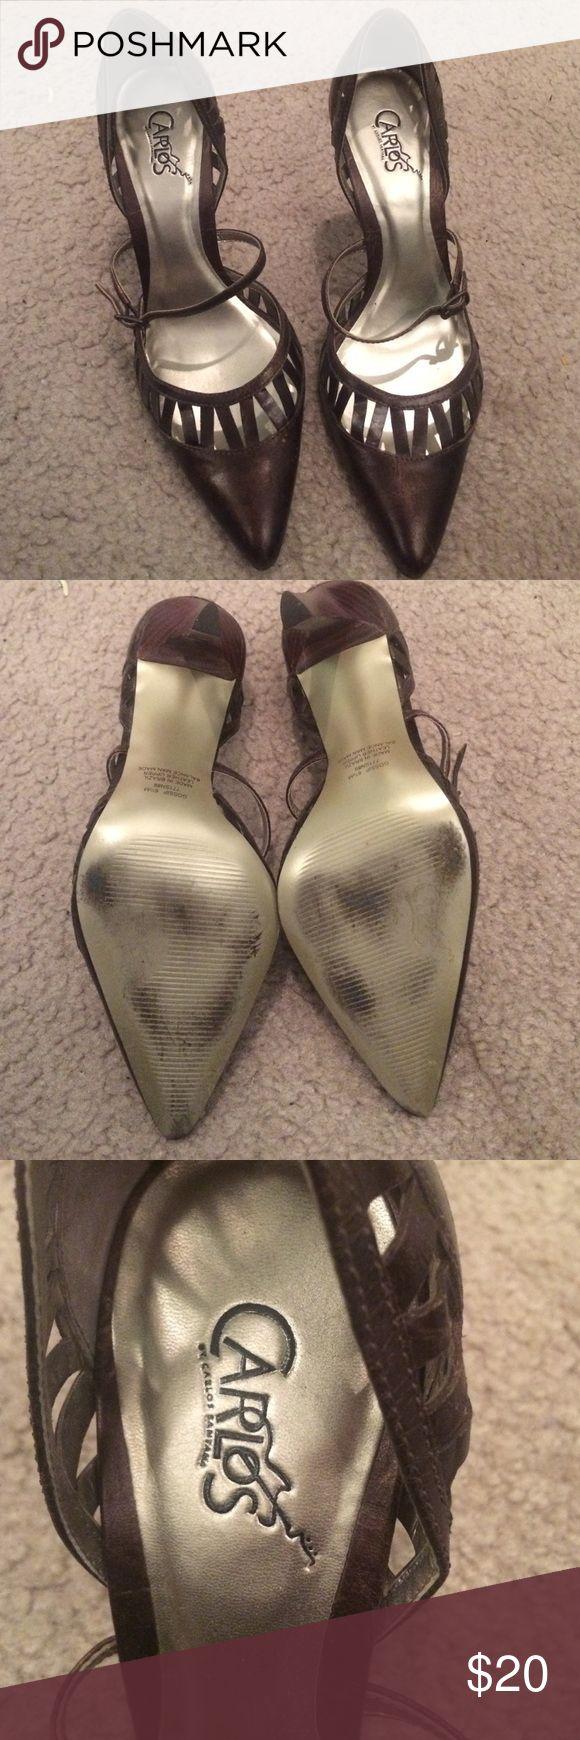 Carlos Santana Women's closed toe Pumps Carlos Santana Closed toe Women's Pumps size 6.5... dark brown .. worn a few times carlos santana  Shoes Heels